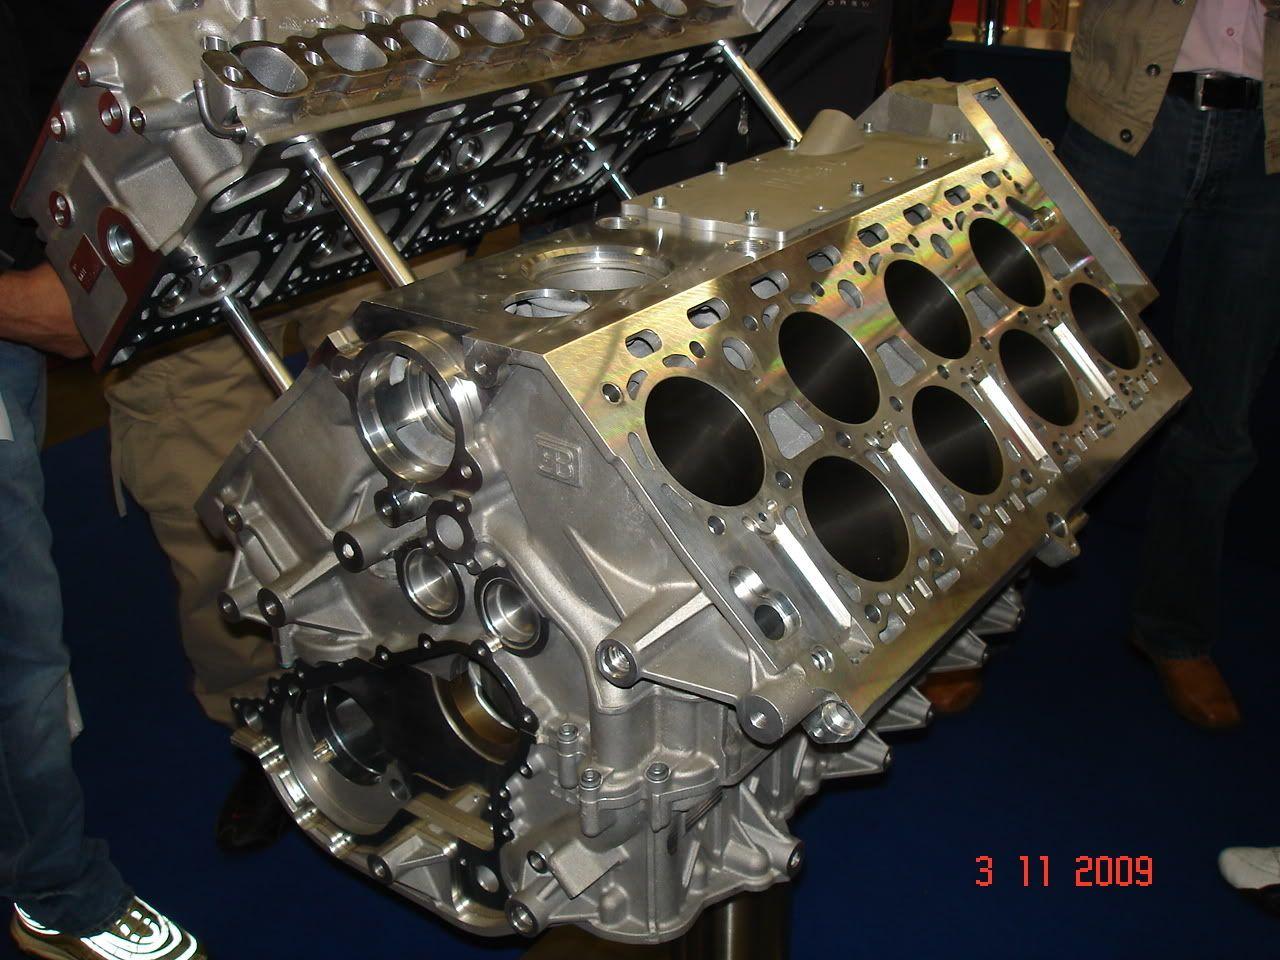 w12 engine diagram vg 8121  w12 engine animation diagram w12 free engine image for  vg 8121  w12 engine animation diagram